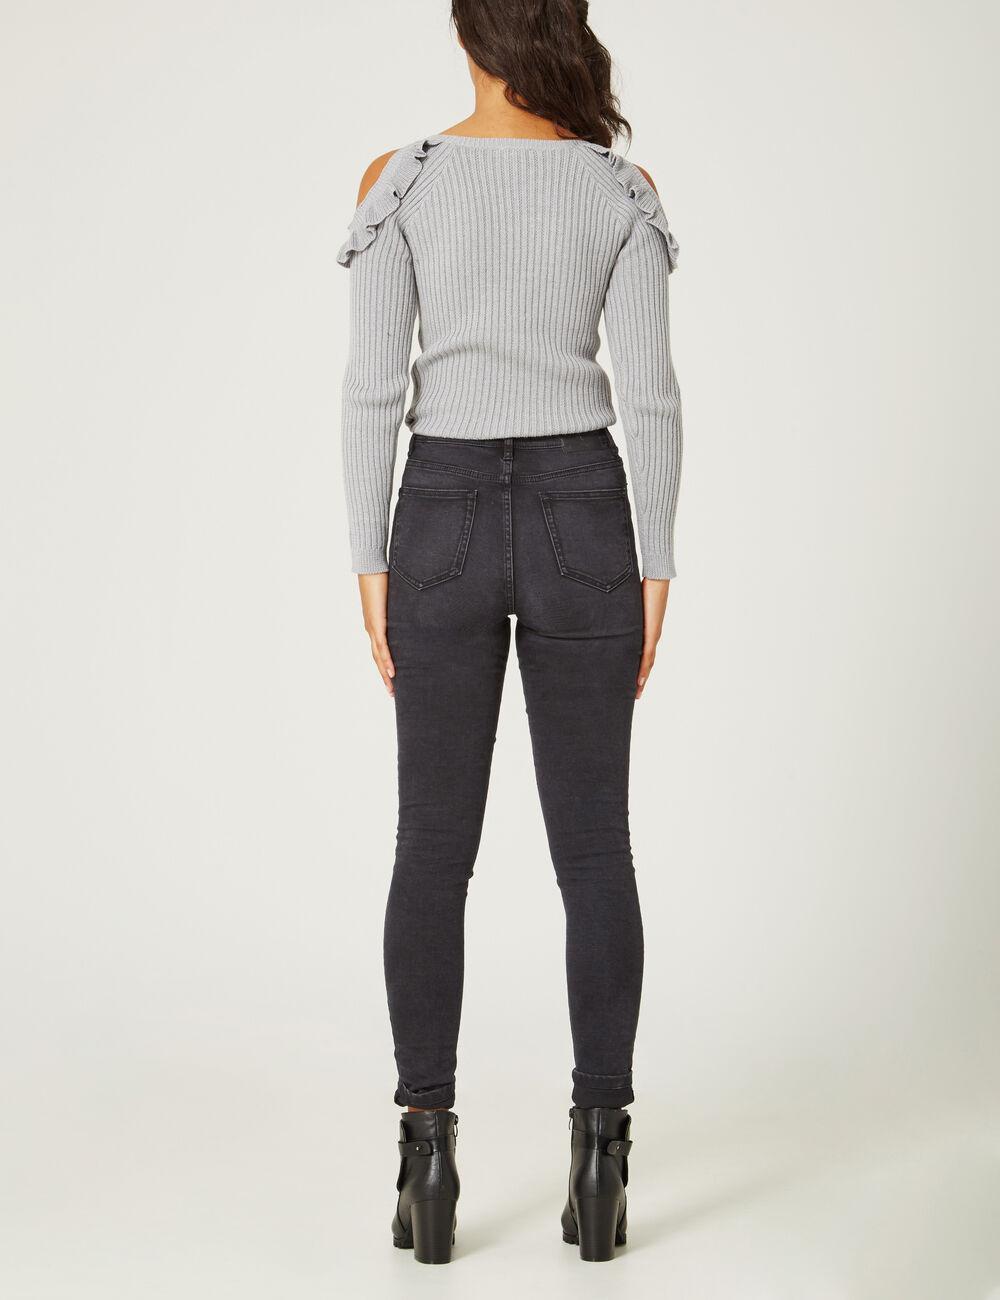 jean super skinny taille haute noir femme jennyfer. Black Bedroom Furniture Sets. Home Design Ideas